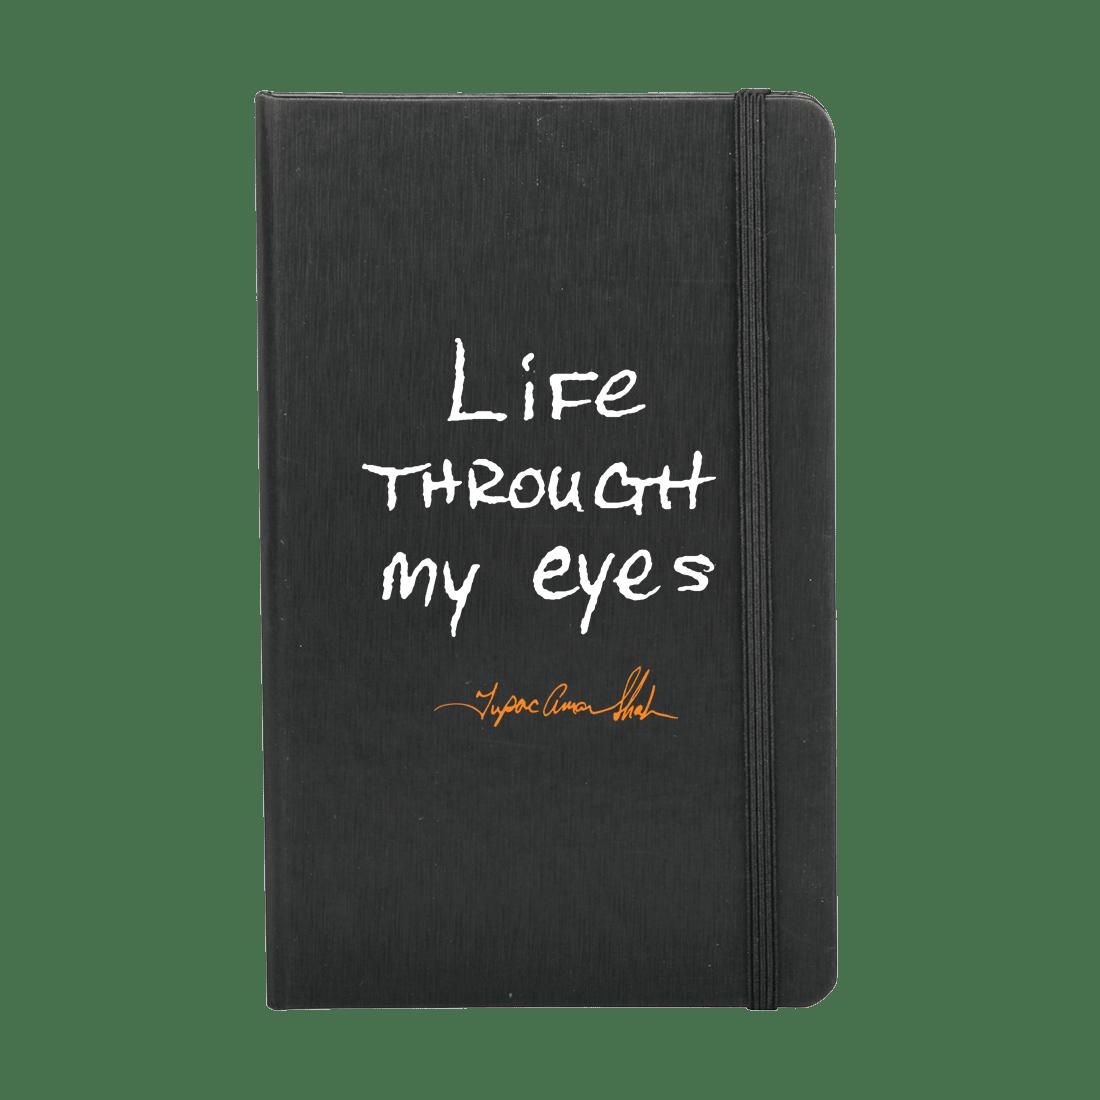 Tupac Poems 3